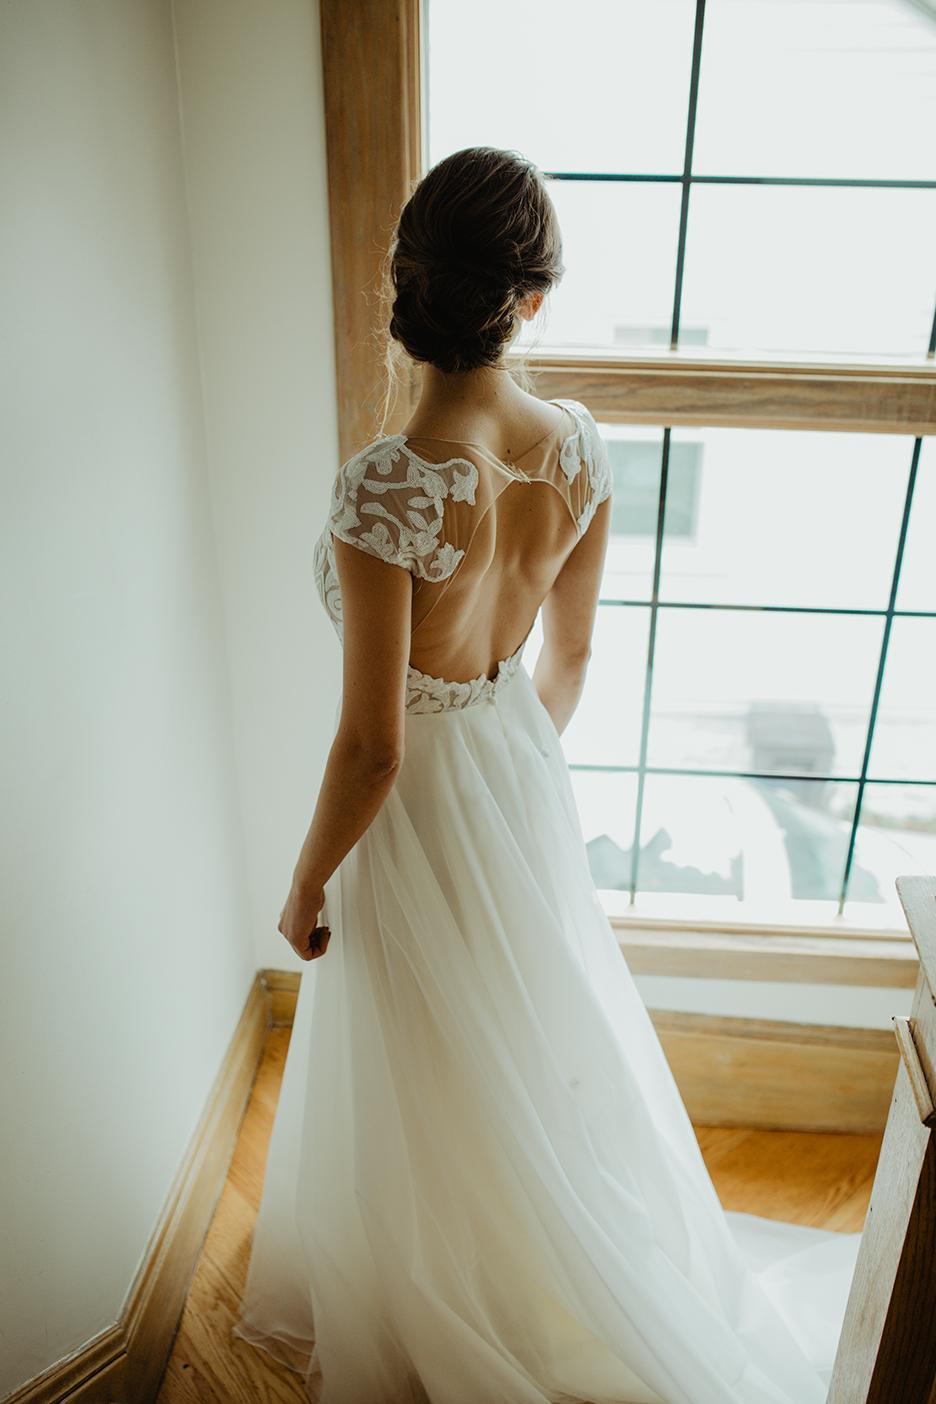 bride-portrait-getting-ready